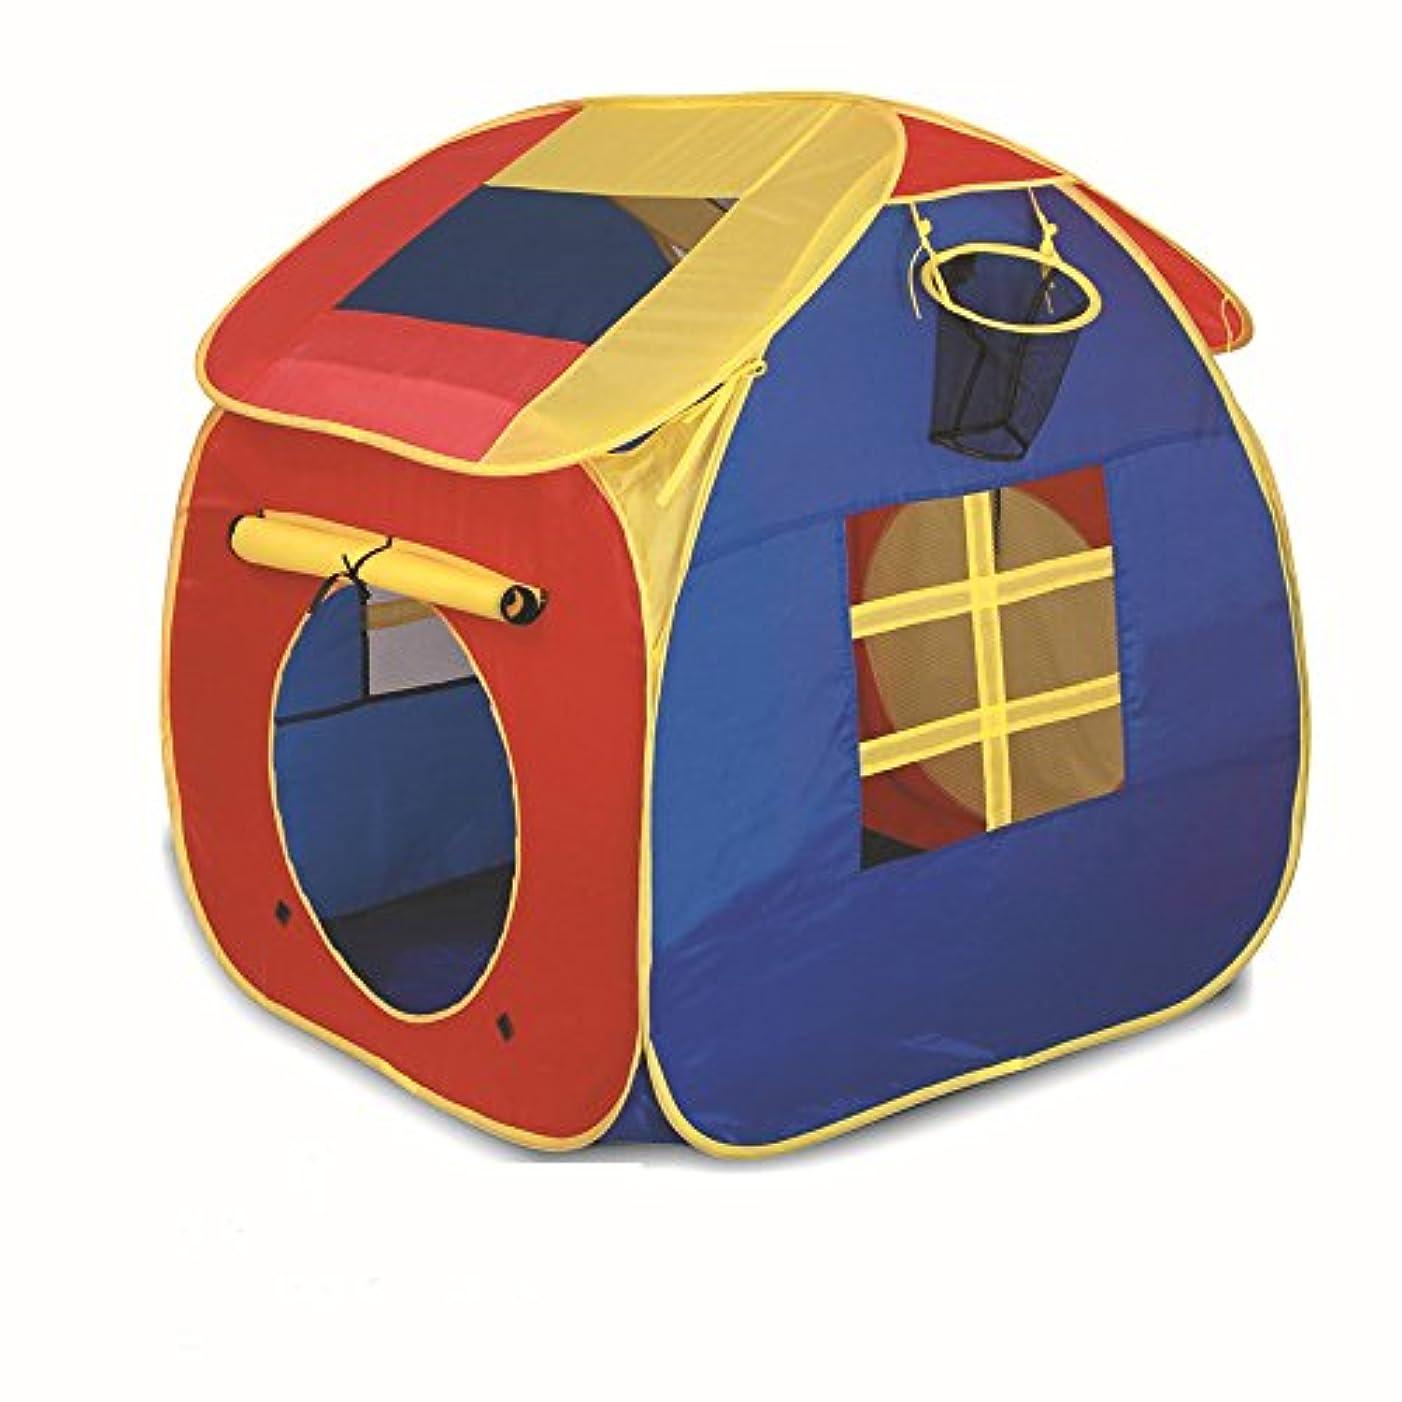 同情スカリーカリキュラム子供テント 子供ハウス ボールハウス キッズテント 子供遊ぶテント 折り畳み式 収納バッグ付き